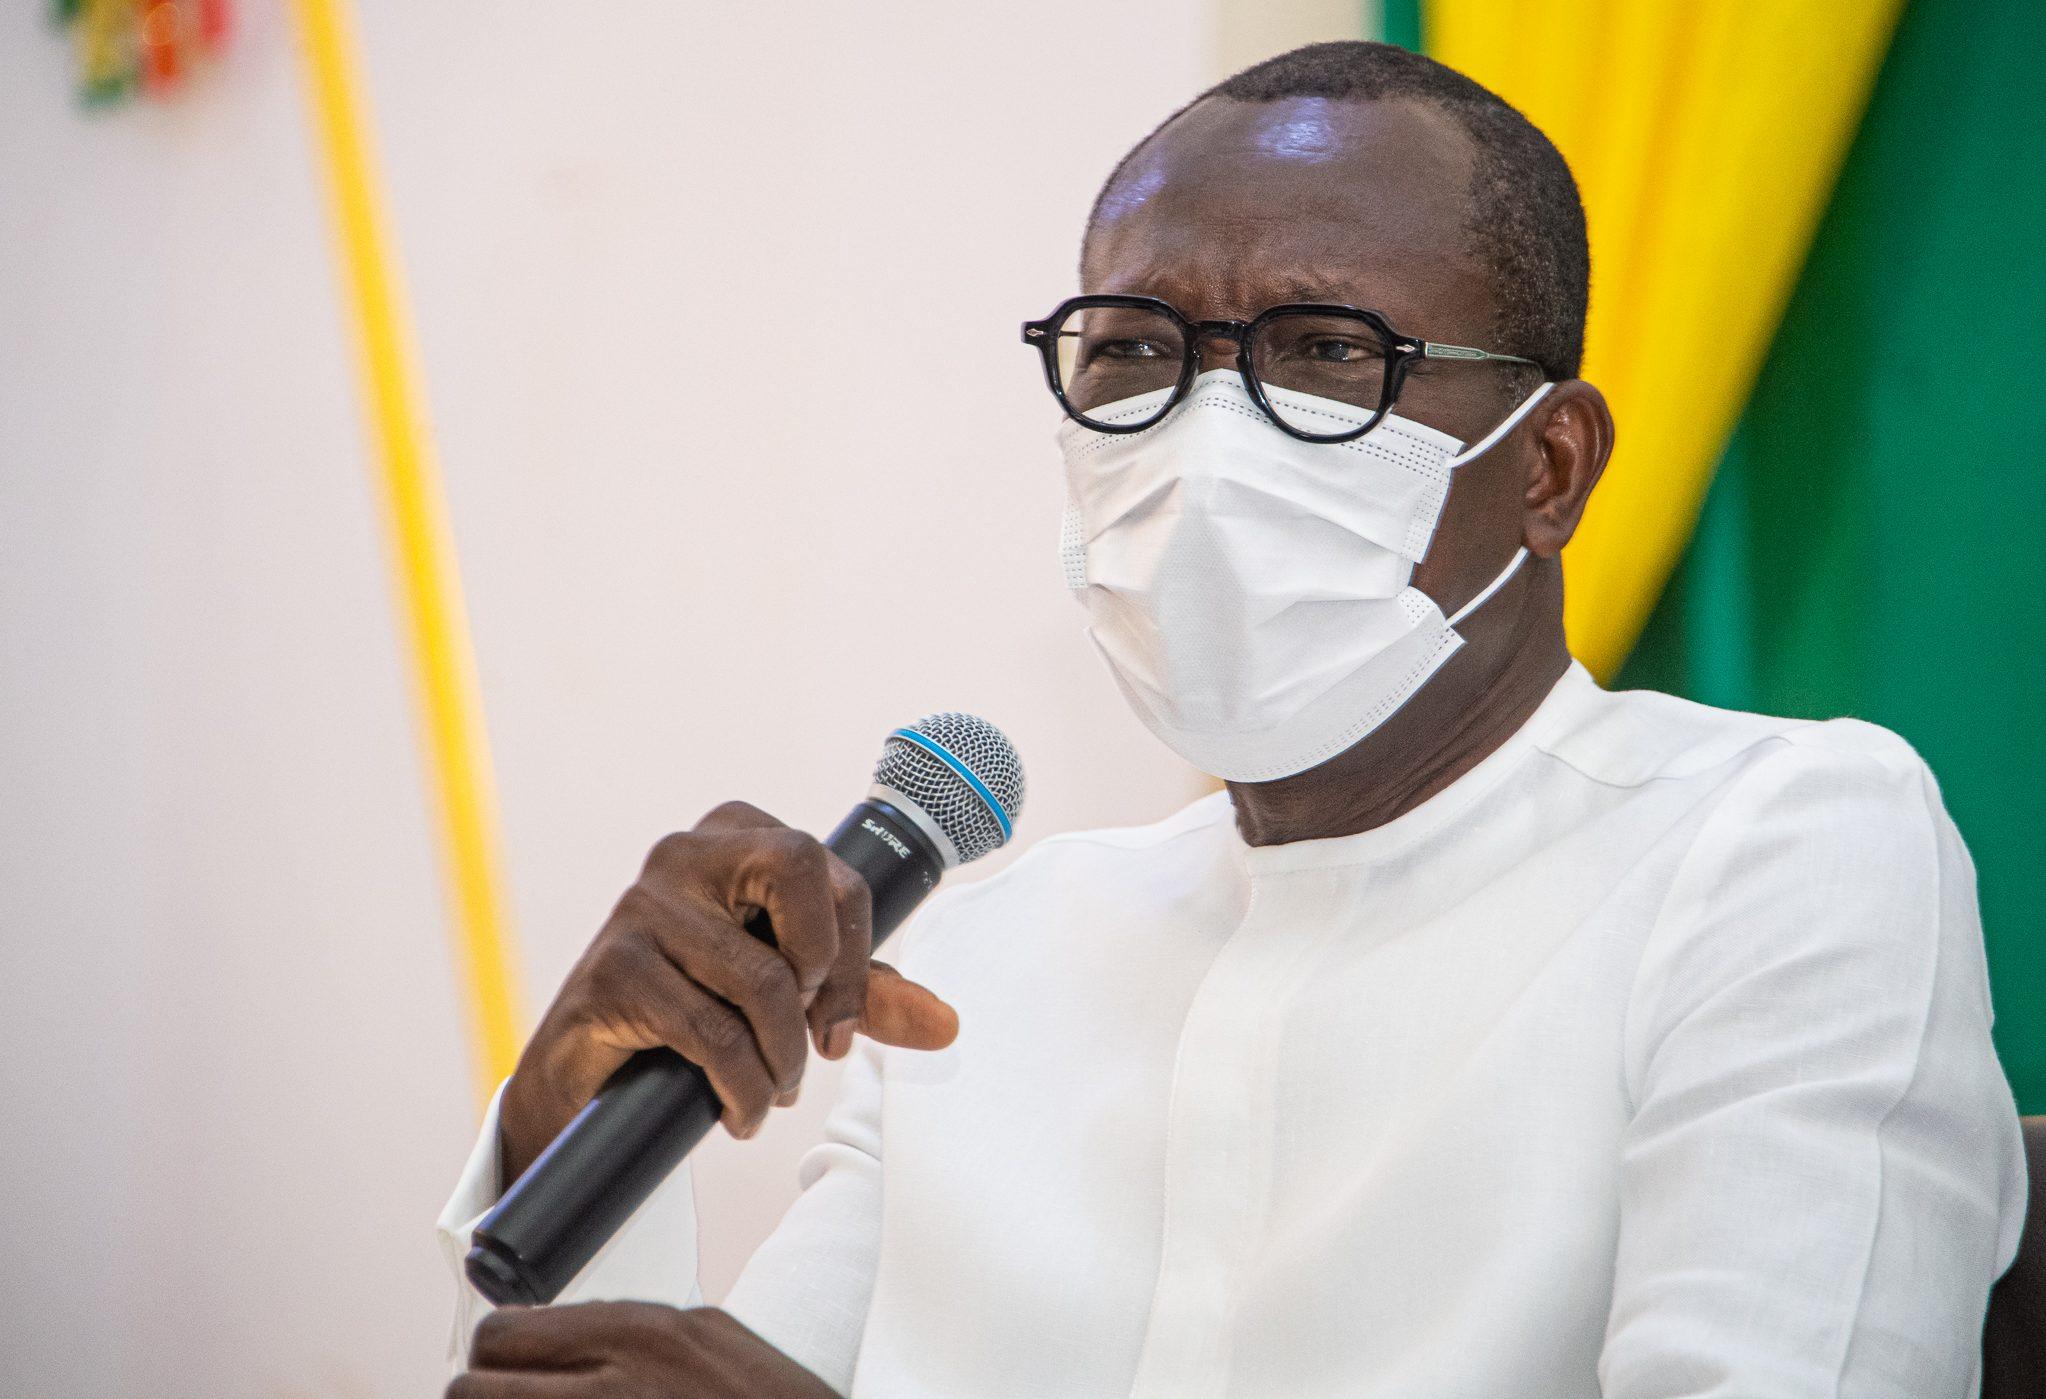 Le président béninois Patrice Talon à Tanguiéta, le 10 janvier 2021.